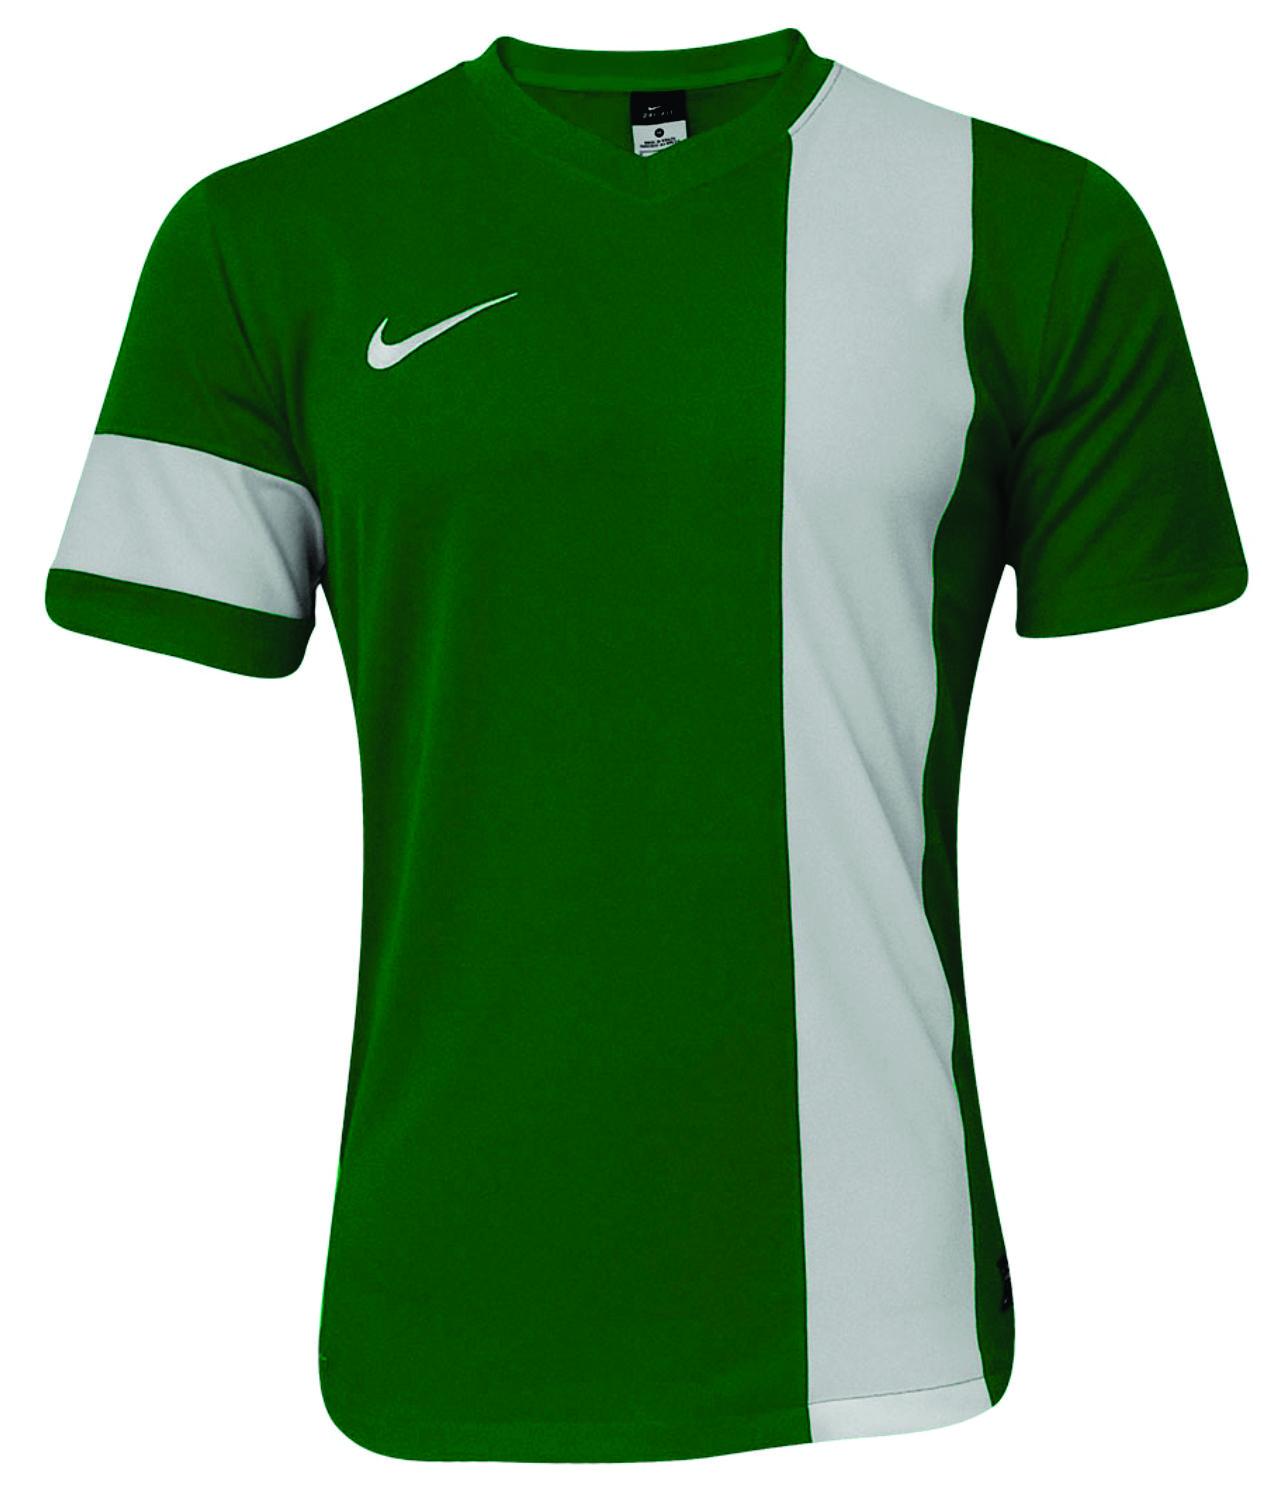 52979fbfdb2df Camisas e Uniformes Personalizados para  Empresas